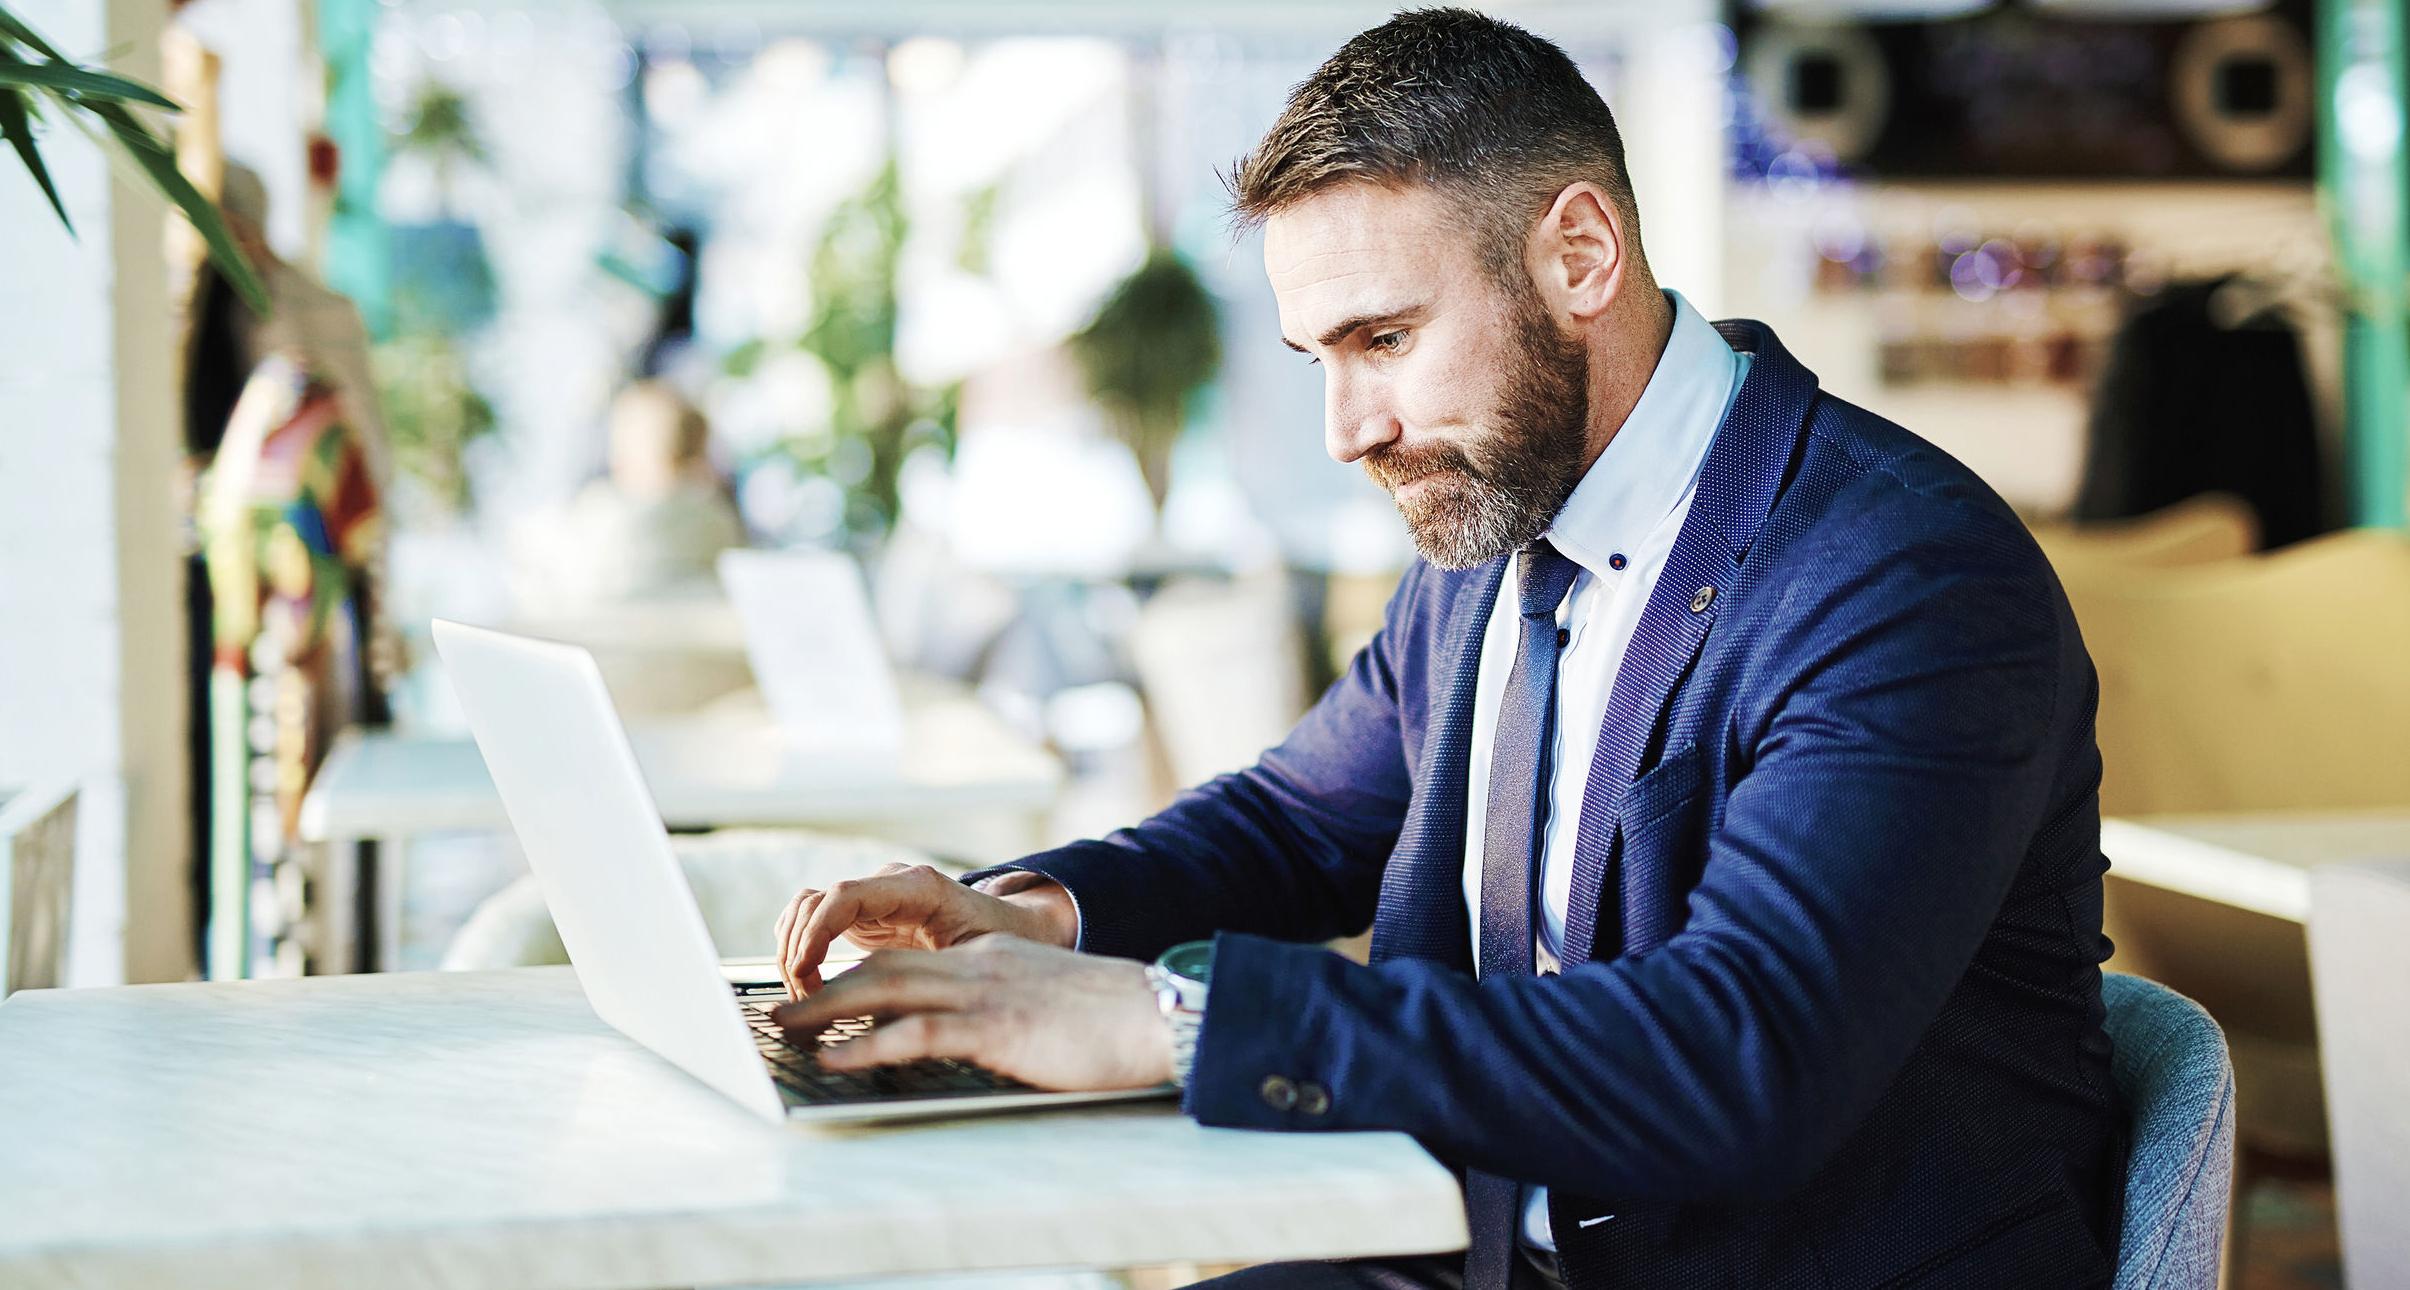 Férfi ül egy kávézóban, és e-mailt ír laptopon.